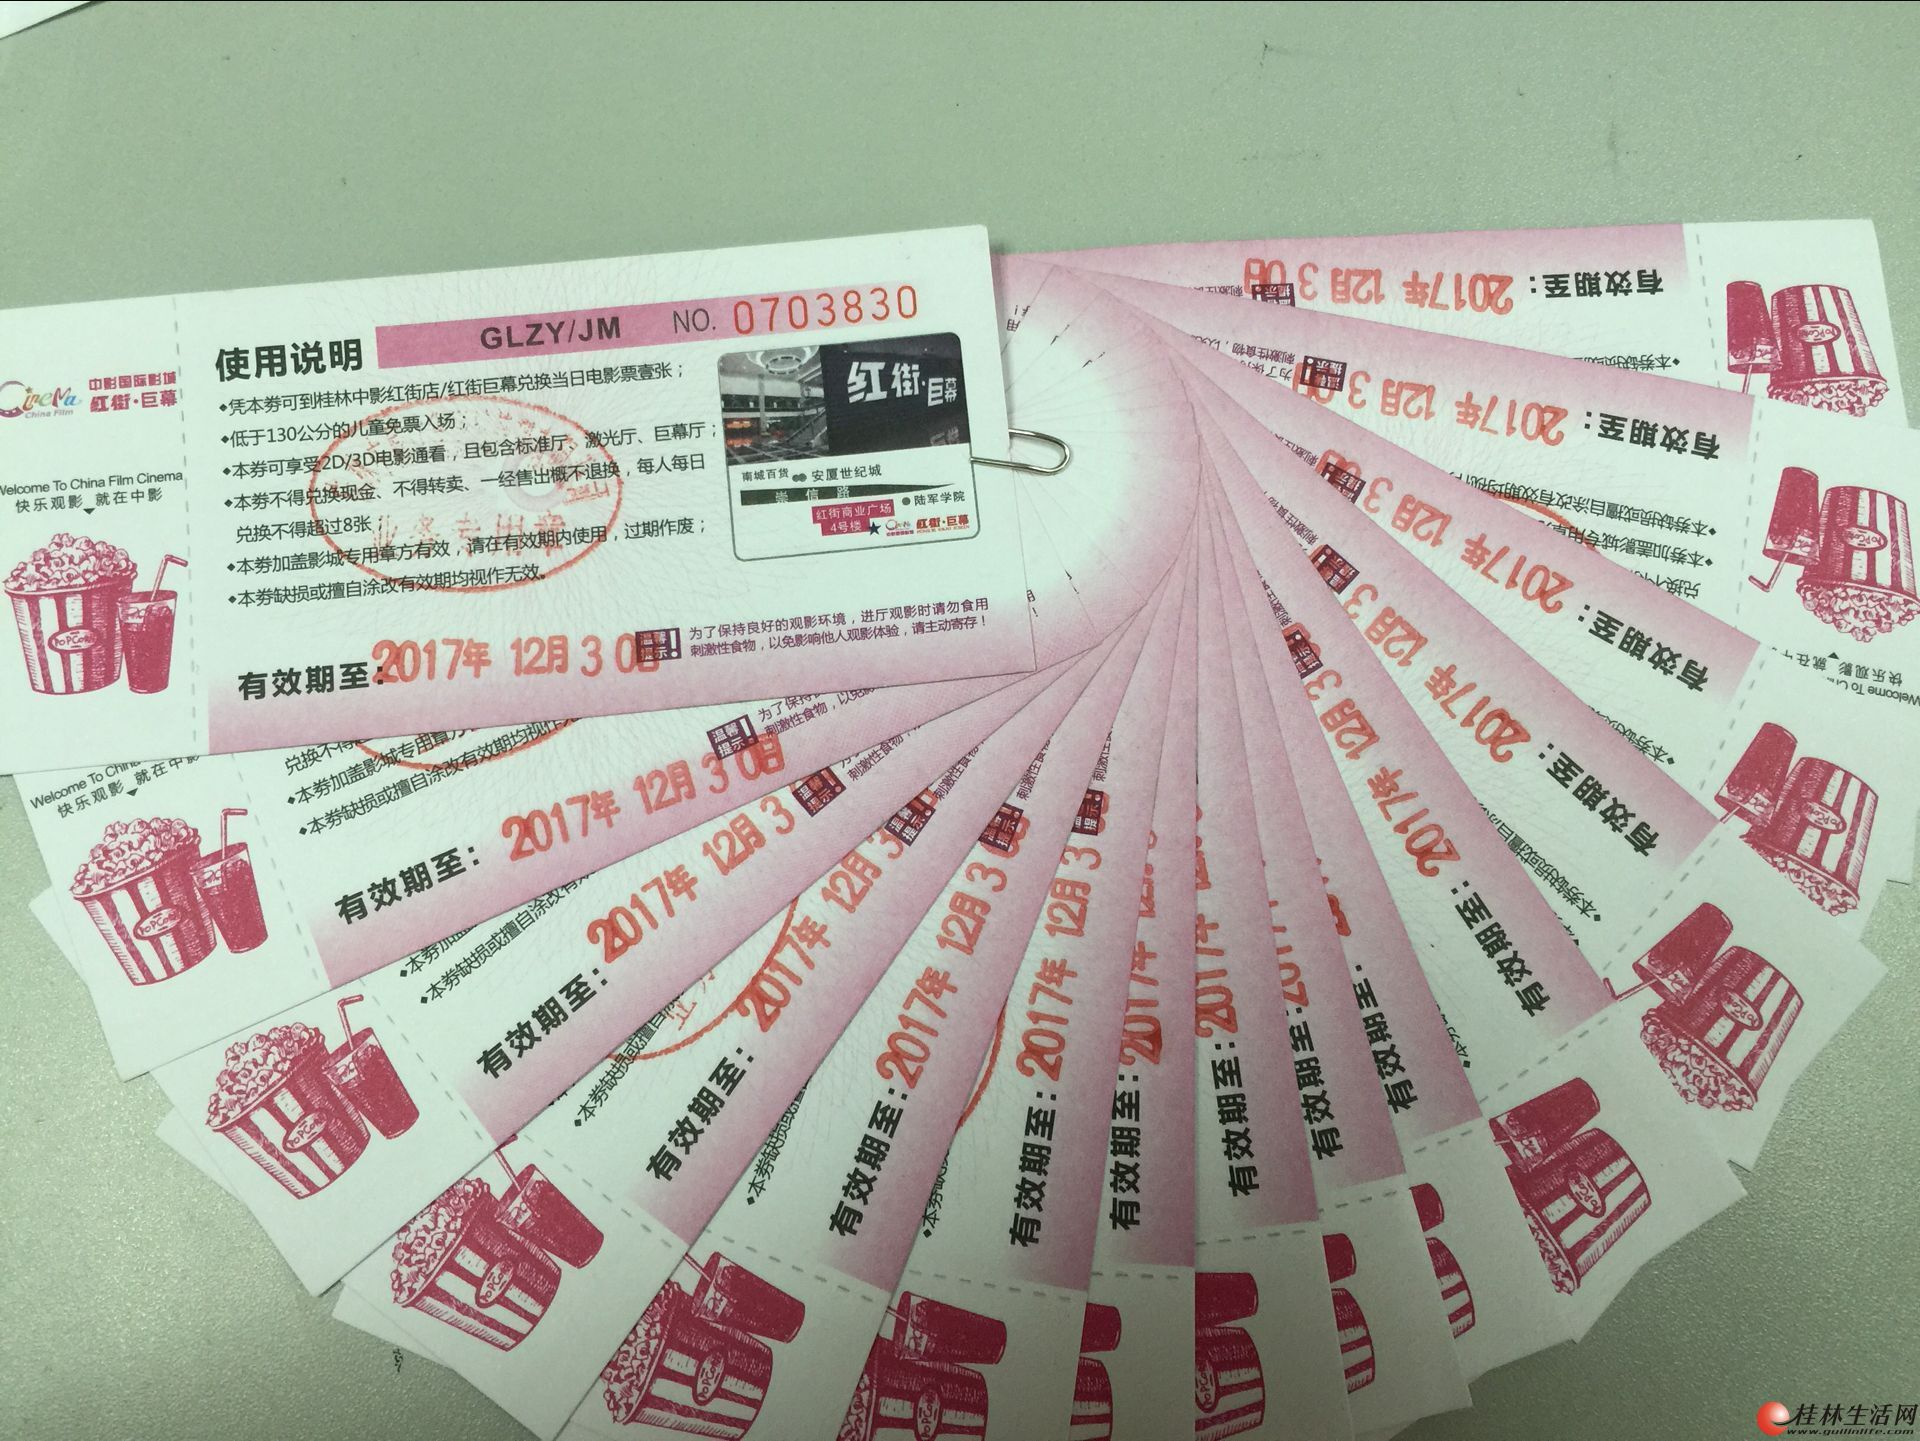 低价转让中影国际影城(桂林红街店)中影/巨幕贵宾券(最高级的VIP票,全场通看)